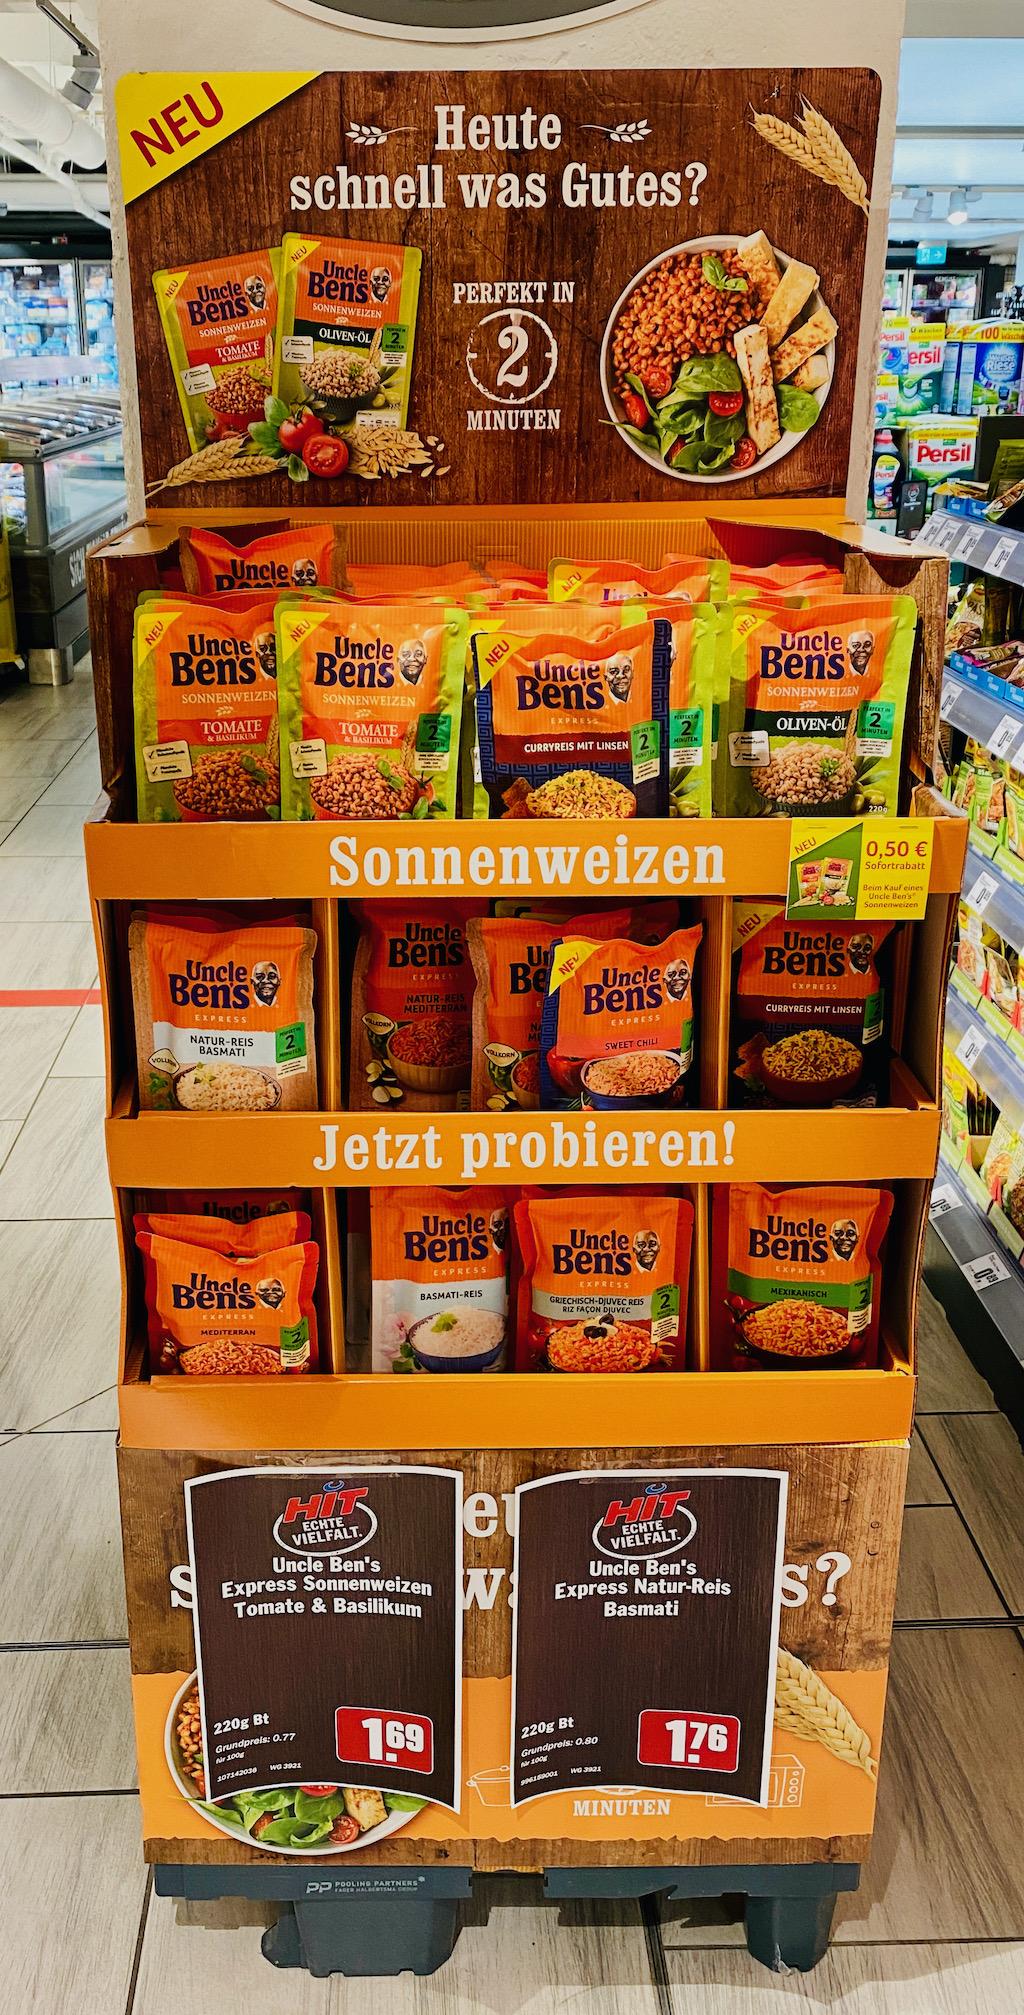 Mars Uncle Ben's Sonnenweizen Display